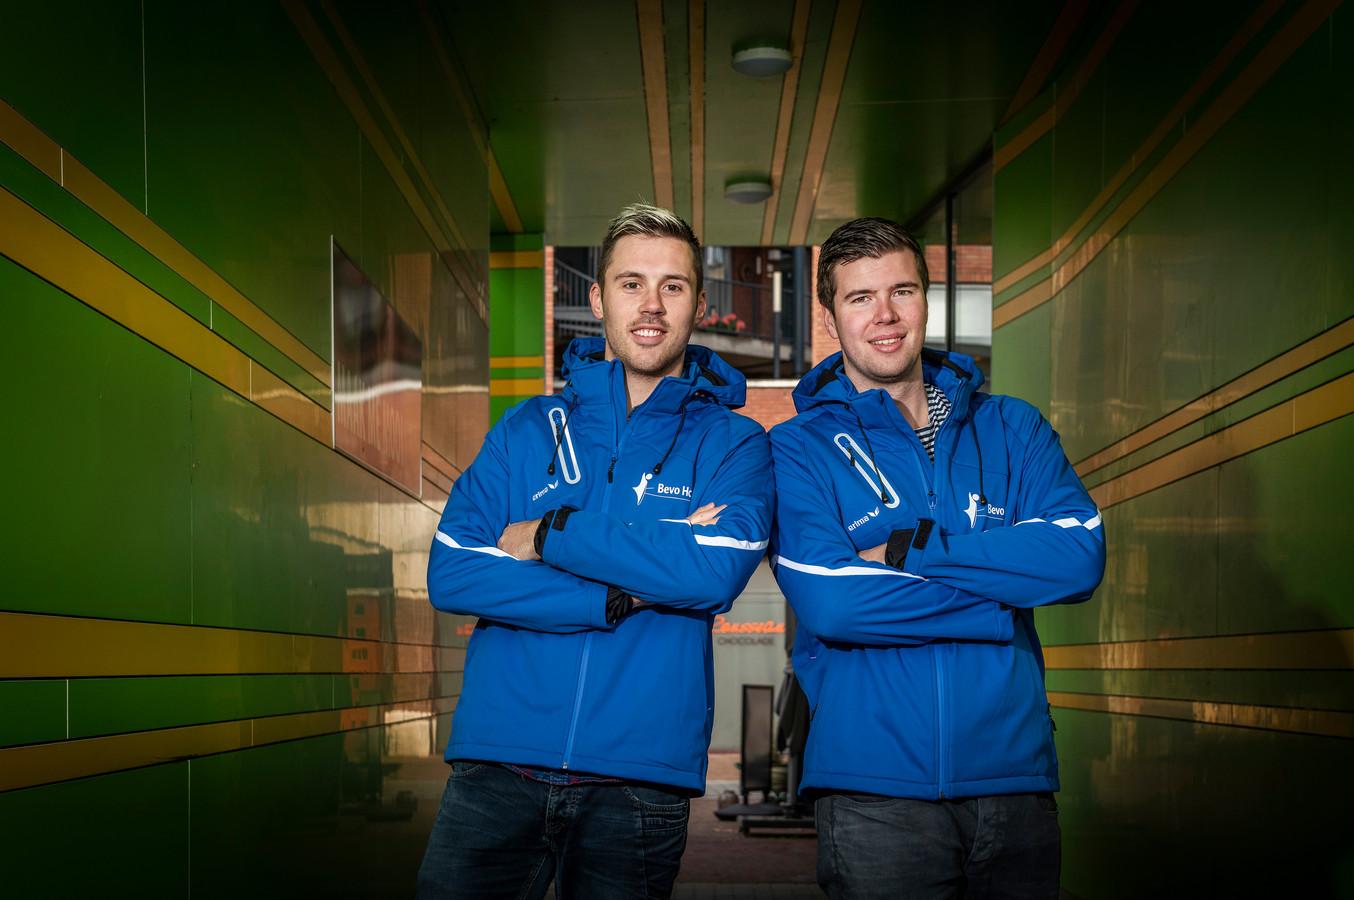 Bevo-spelers Niek Jordens en Nick de Kuyper.